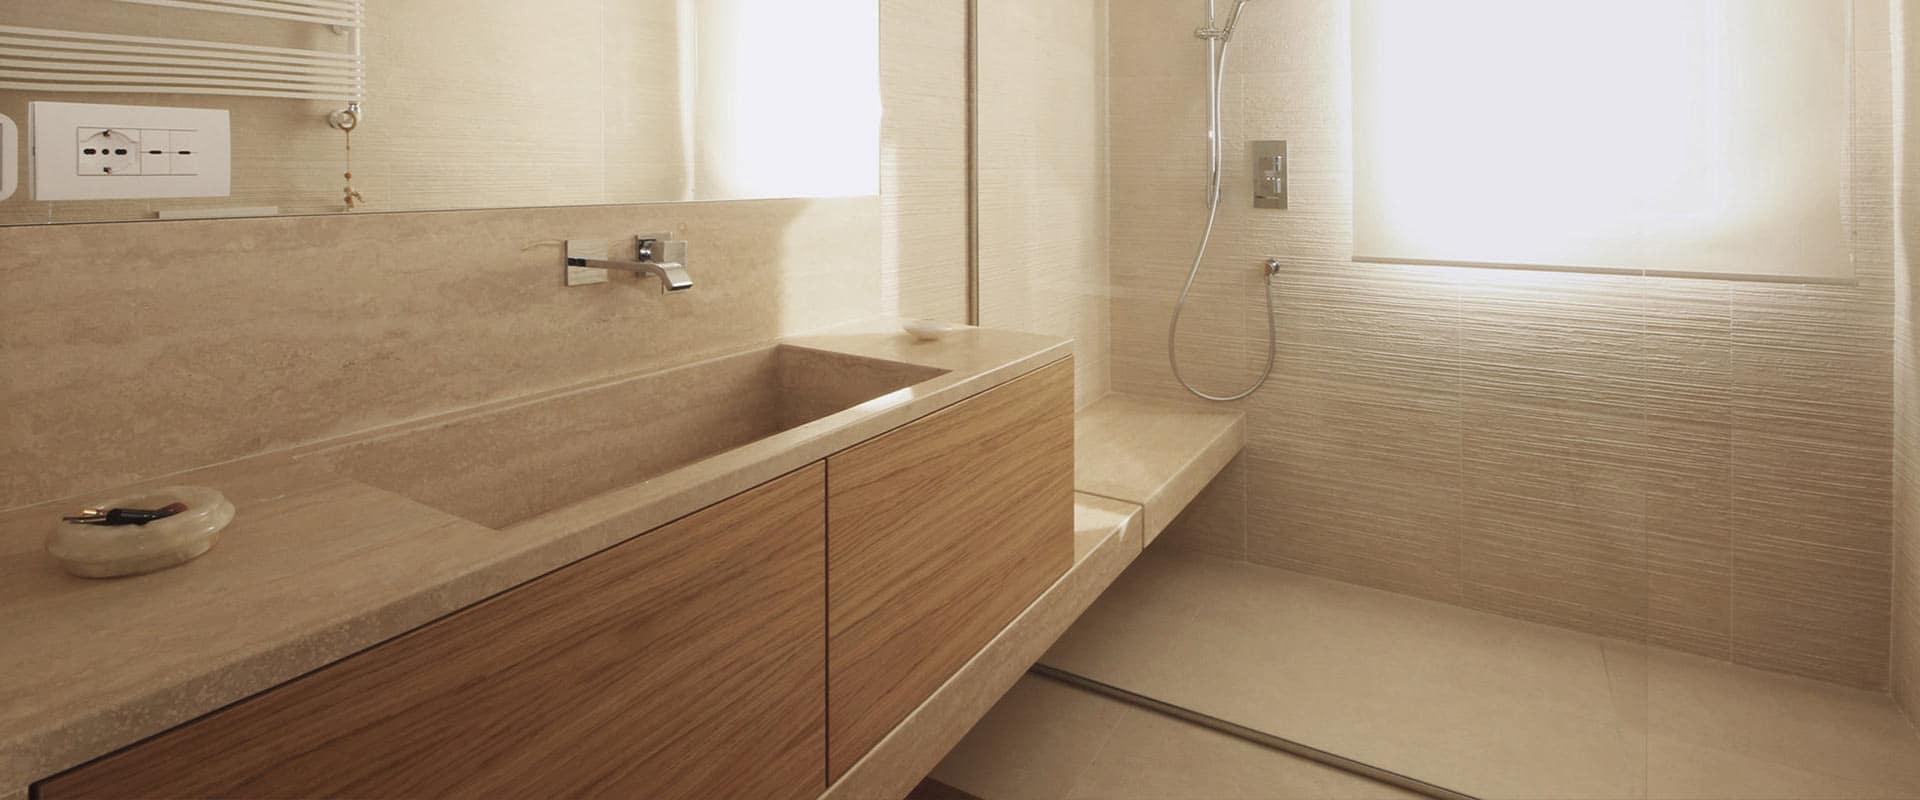 Mobile Bagno su Misura in Marmo e Legno | JFD Design Milano Monza